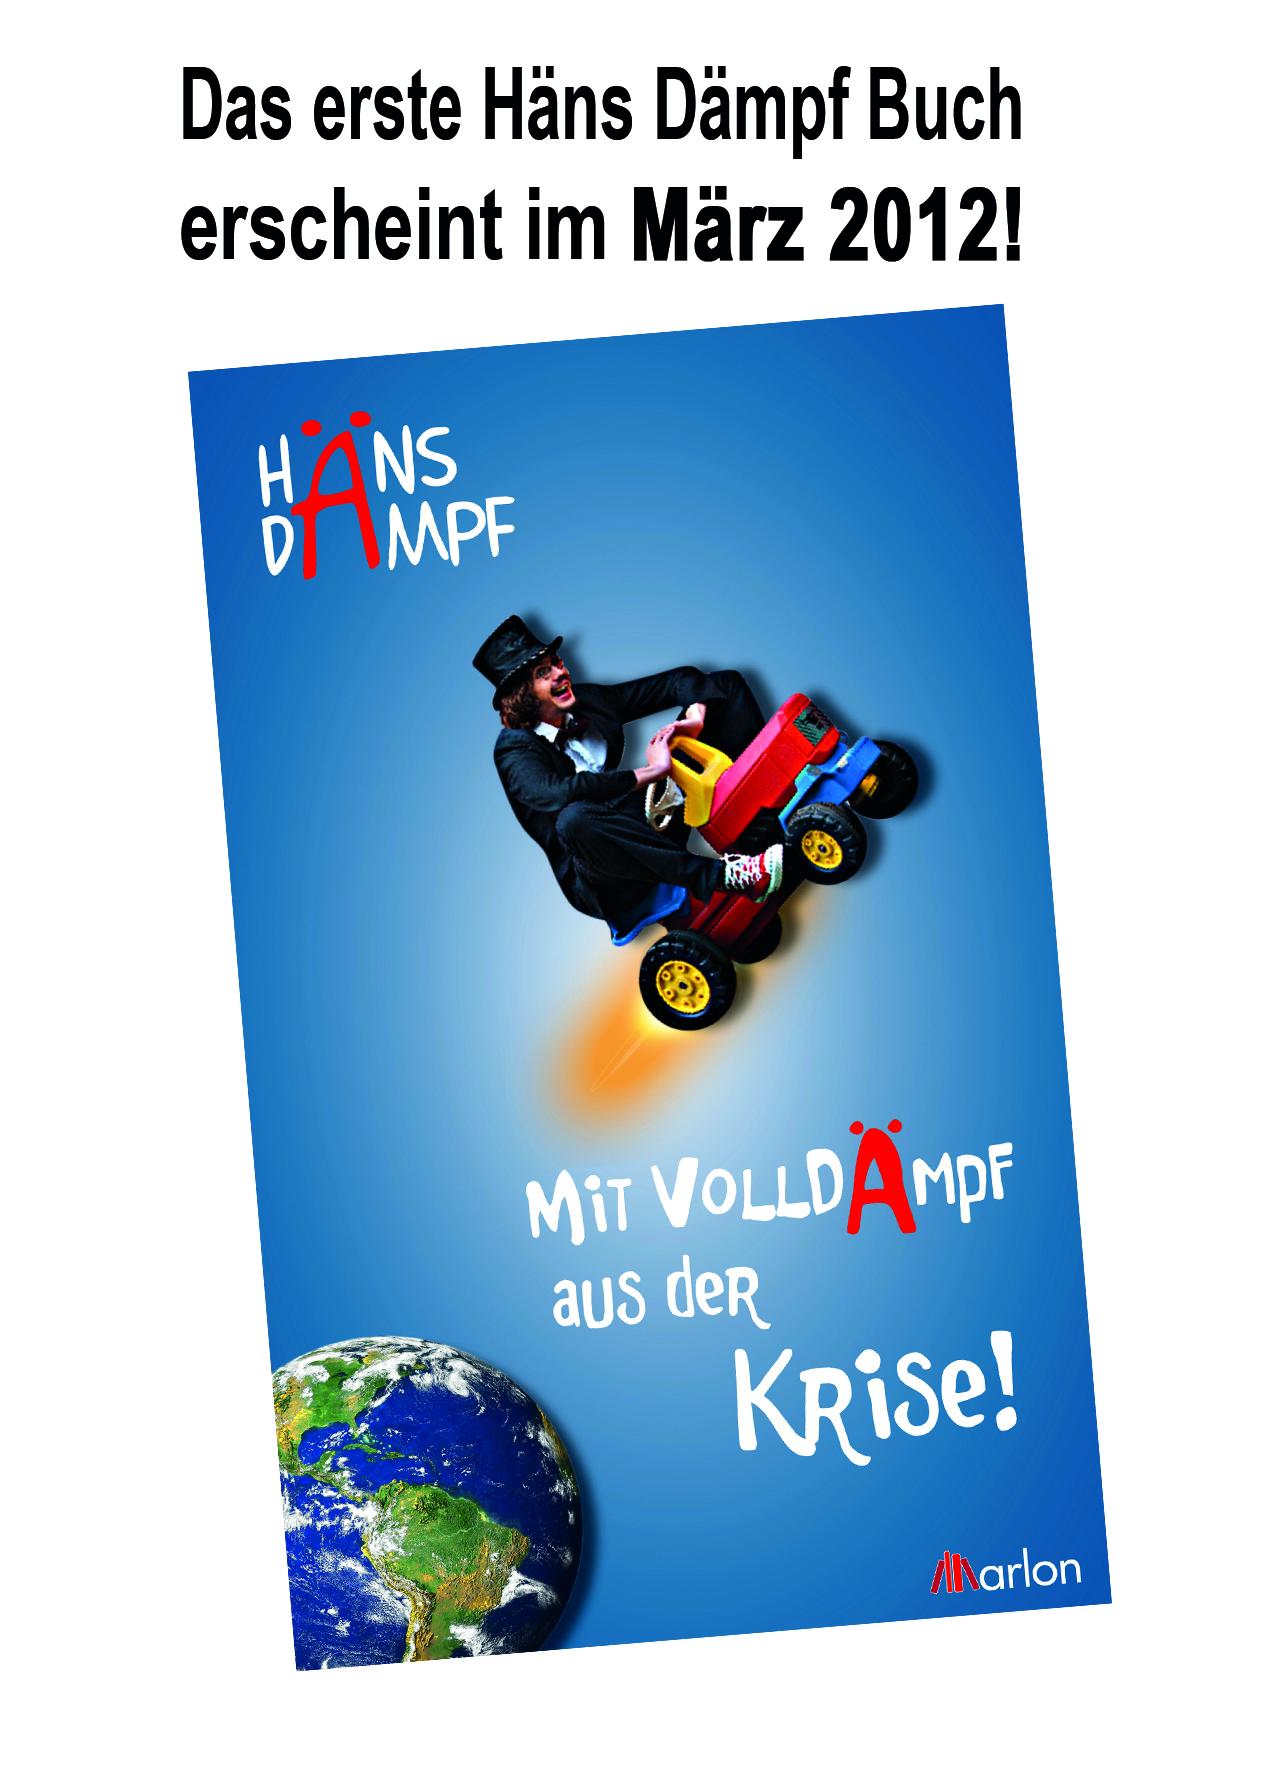 Mit Volldämpf aus der Krise - Marlon Verlag